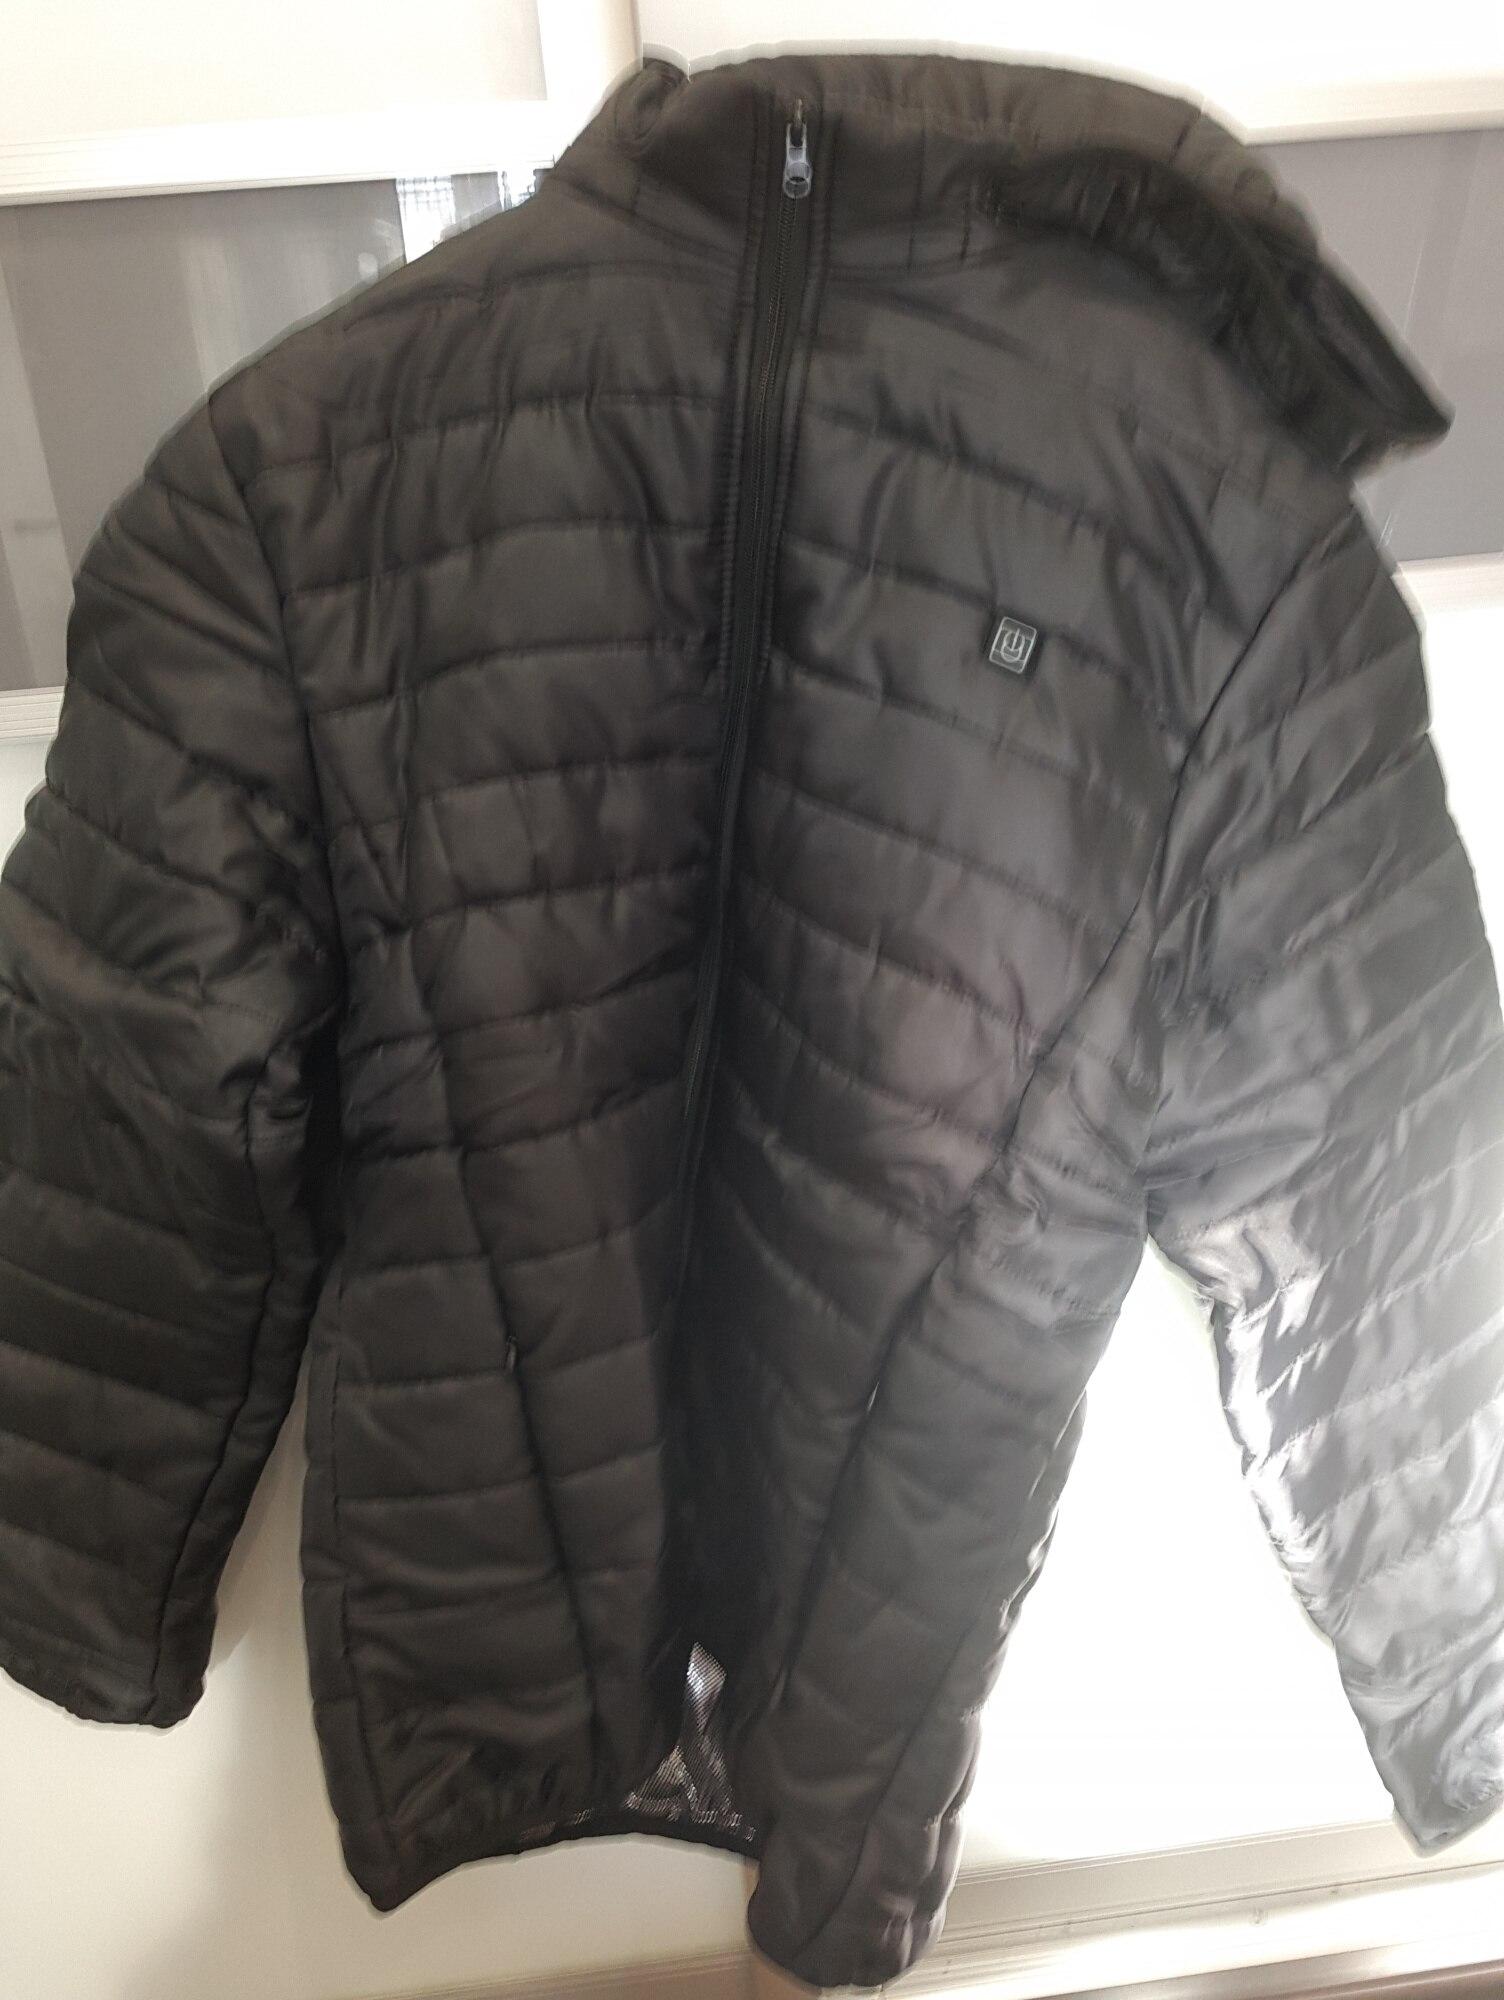 Veste de Chauffage Intelligente pour Couples Couples USB Chauffage Collier Jacket pour Maintenir des v/êtements de Coton de Chauffage /à temp/érature constante